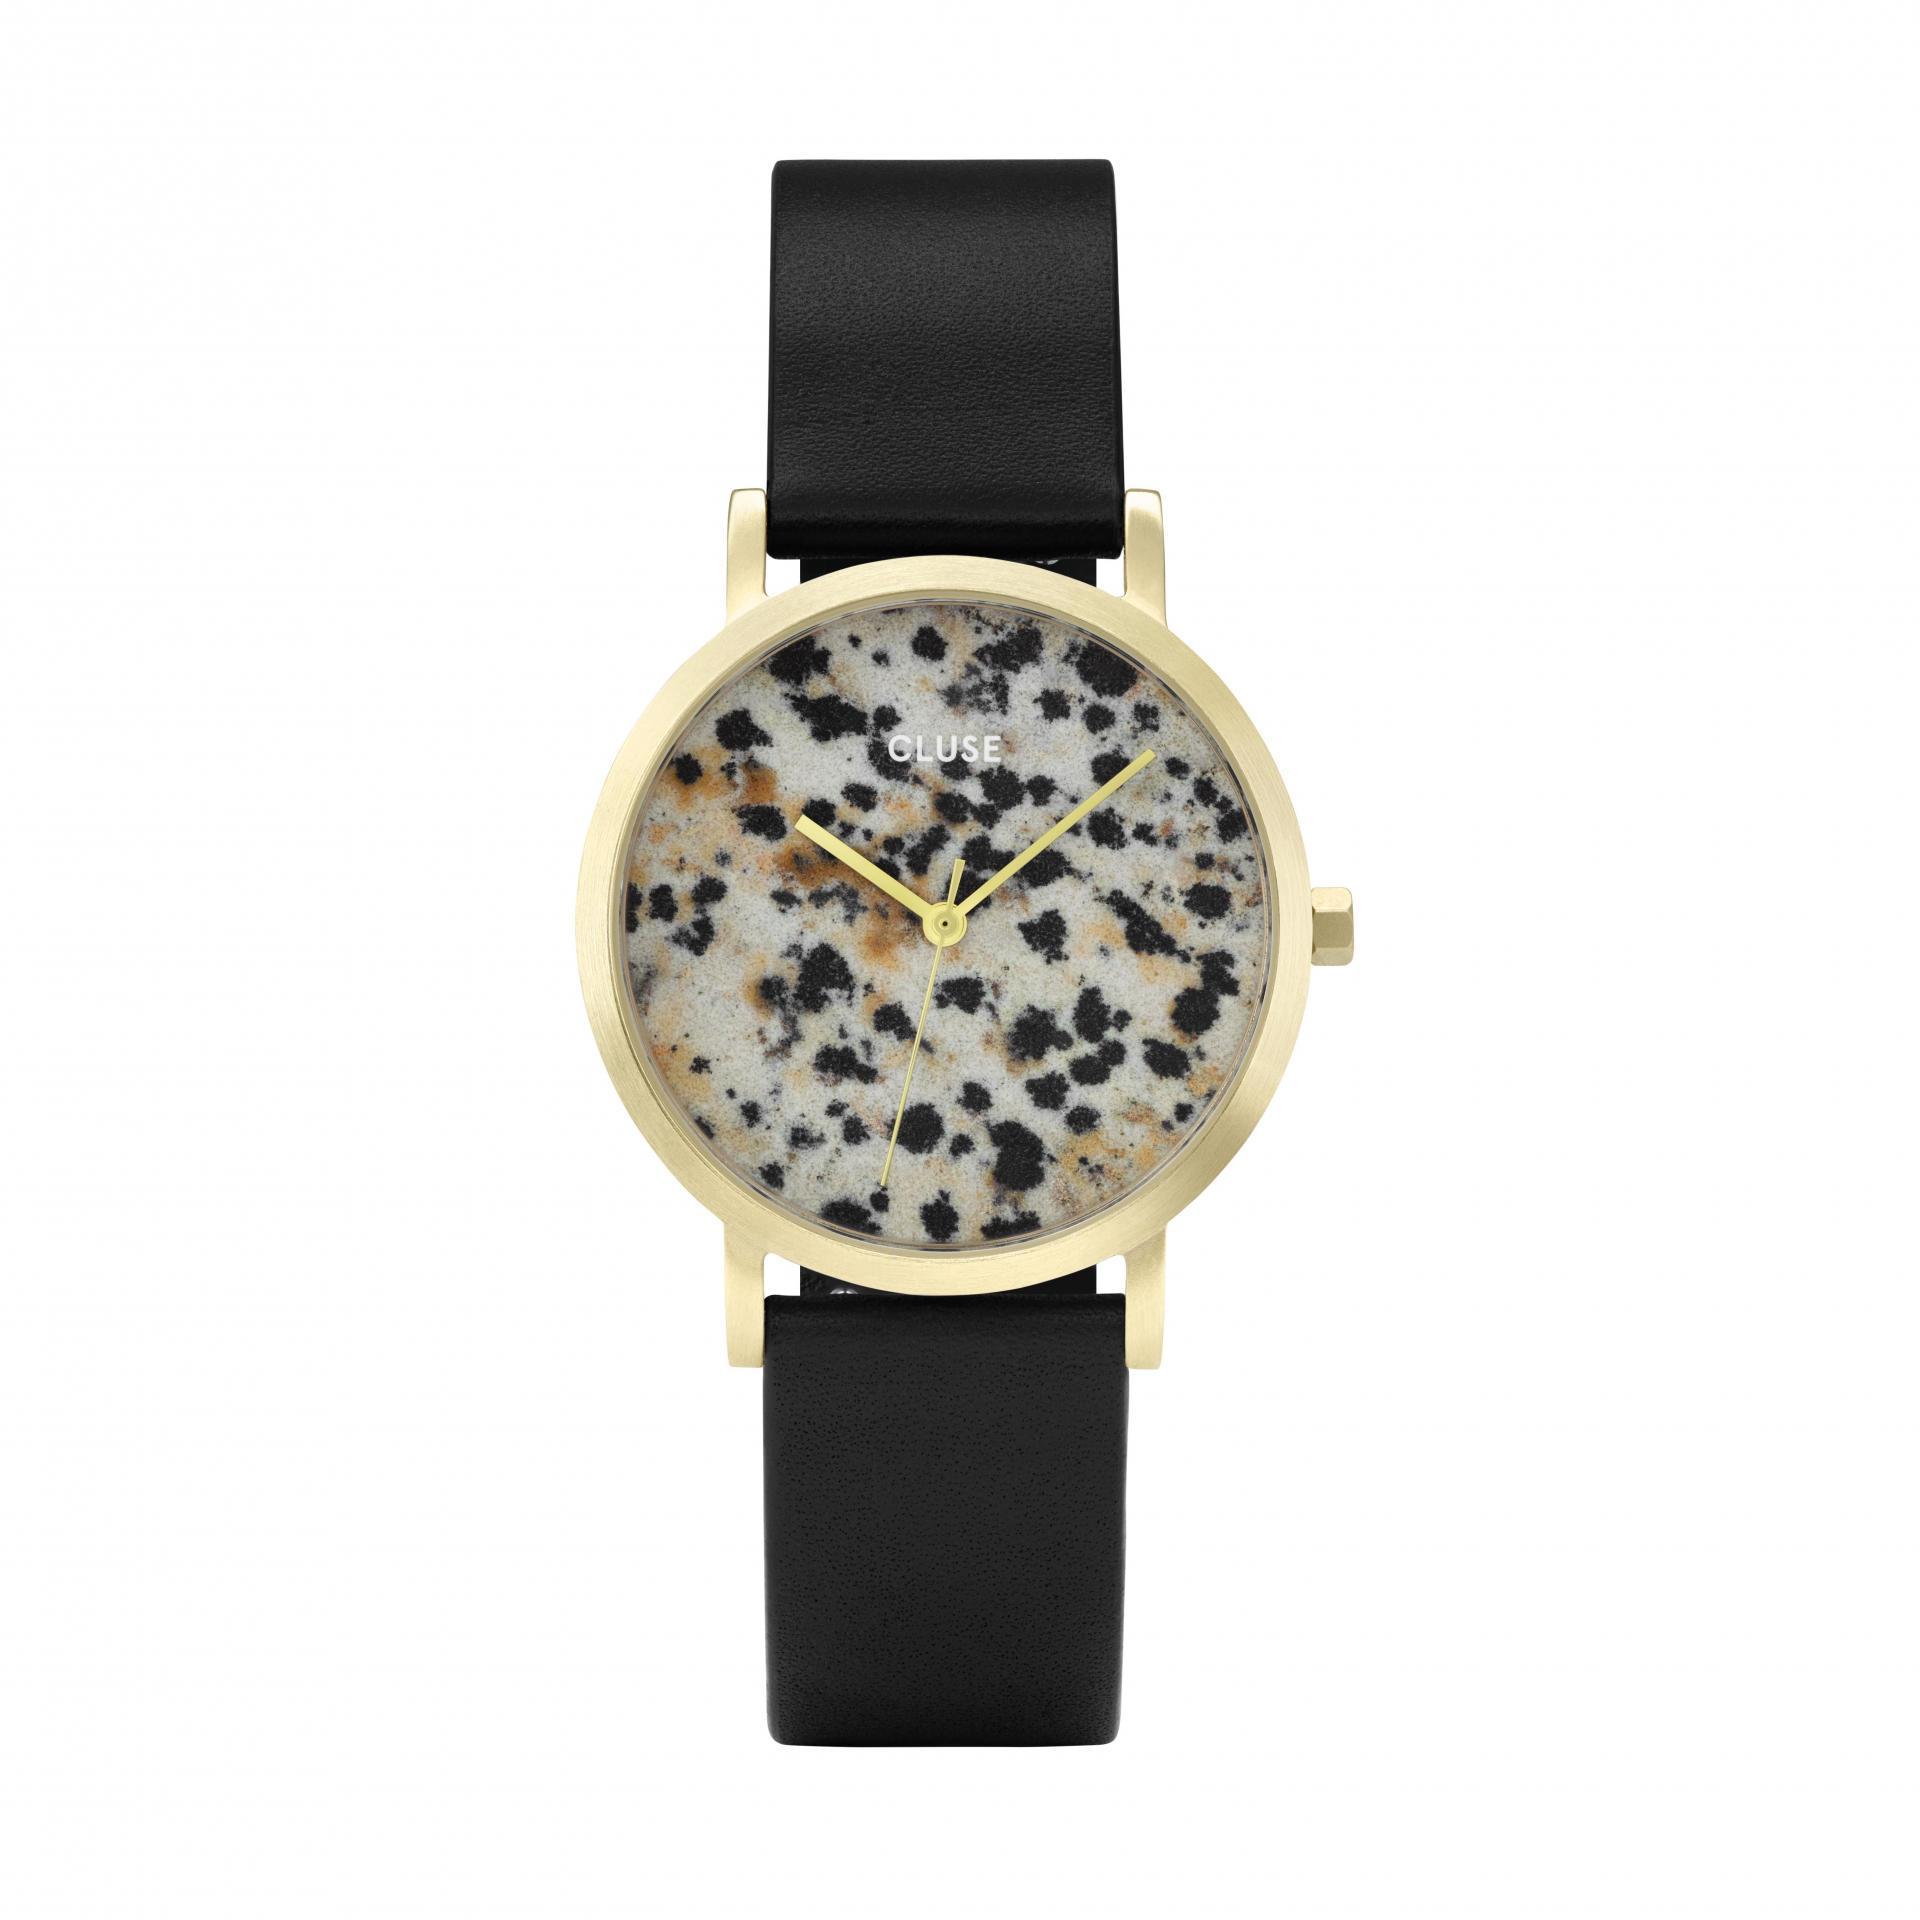 CLUSE Hodinky Cluse La Roche Petite Gold Dalmatian/Black, černá barva, zlatá barva, kov, kůže, kámen